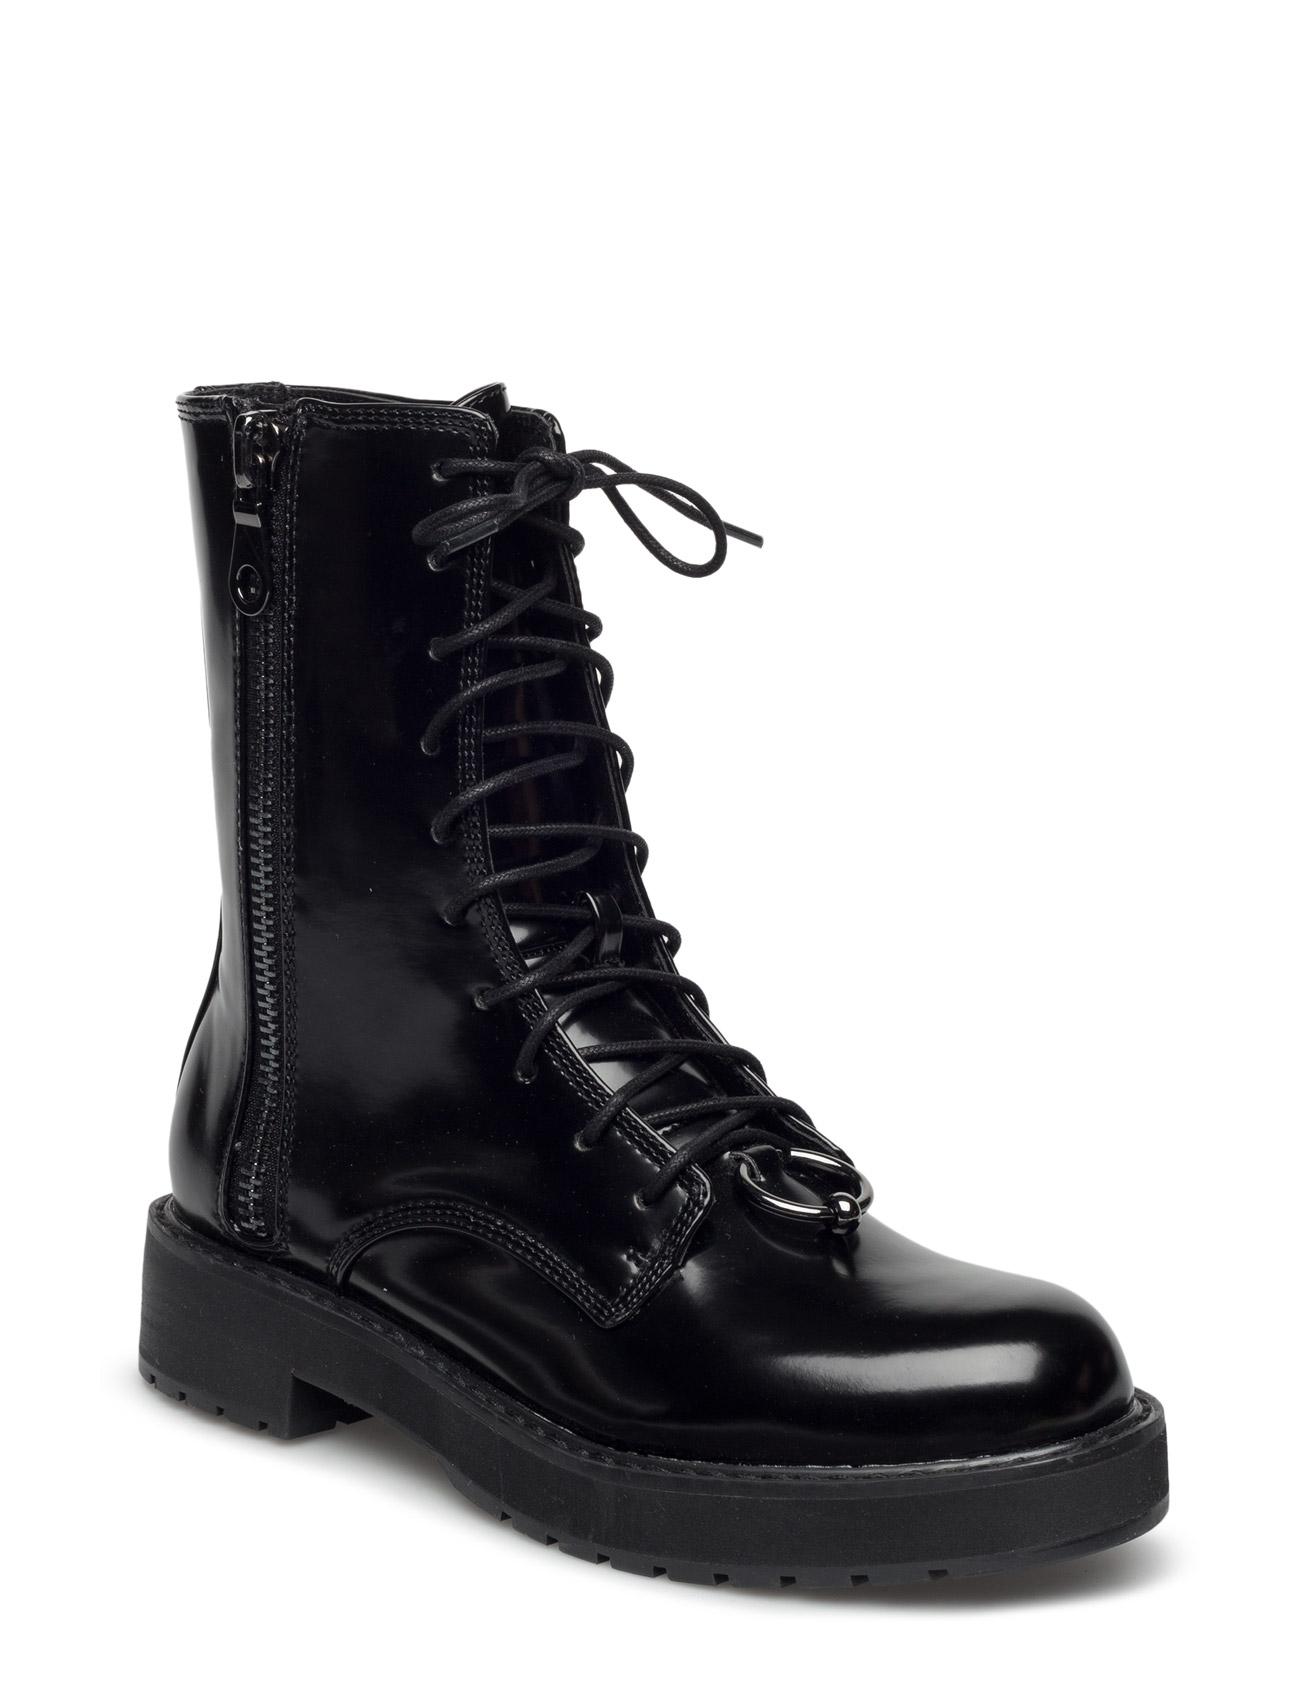 Lace-Up Patent Effect Boots Mango Støvler til Kvinder i Sort